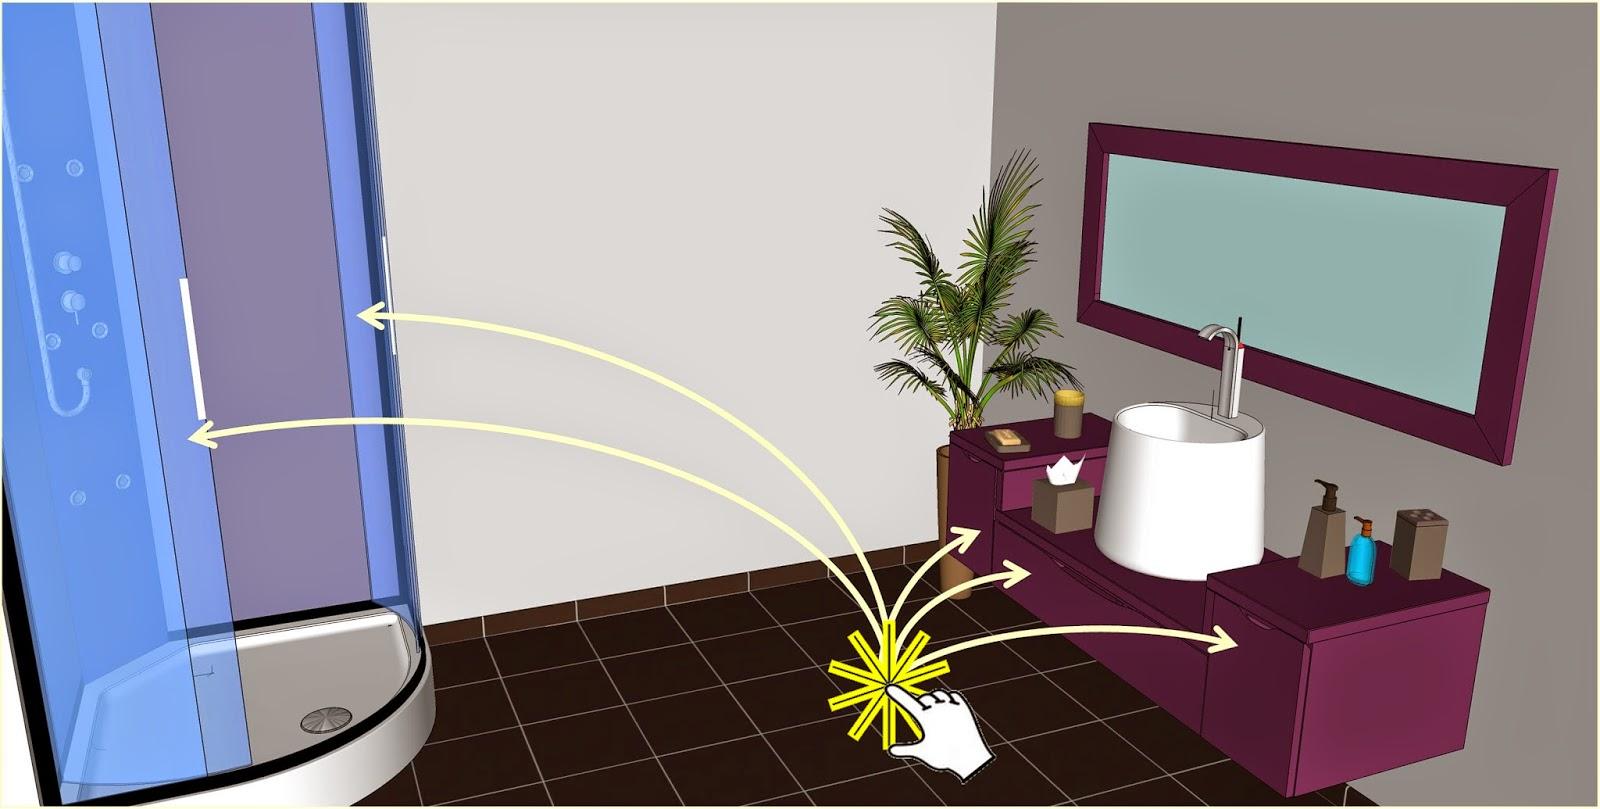 Cuisines Et Bain Kitchens And Bath Projet Avec Composants Dynamiques Project With Dynamic